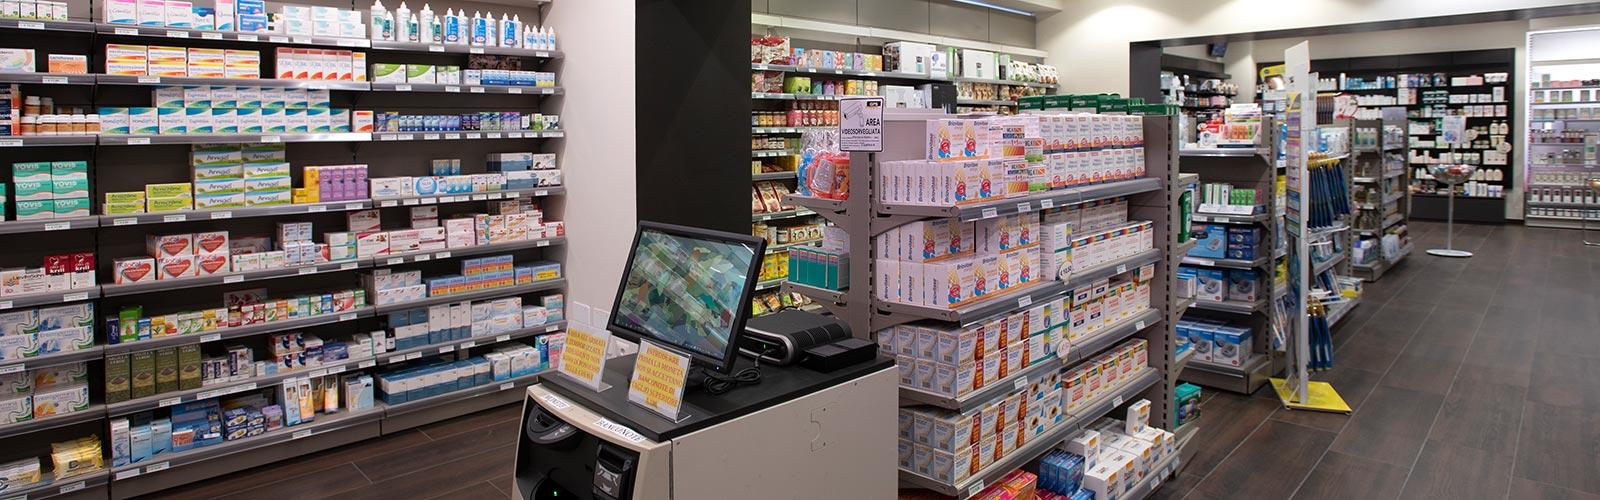 Farmacia Vagnino